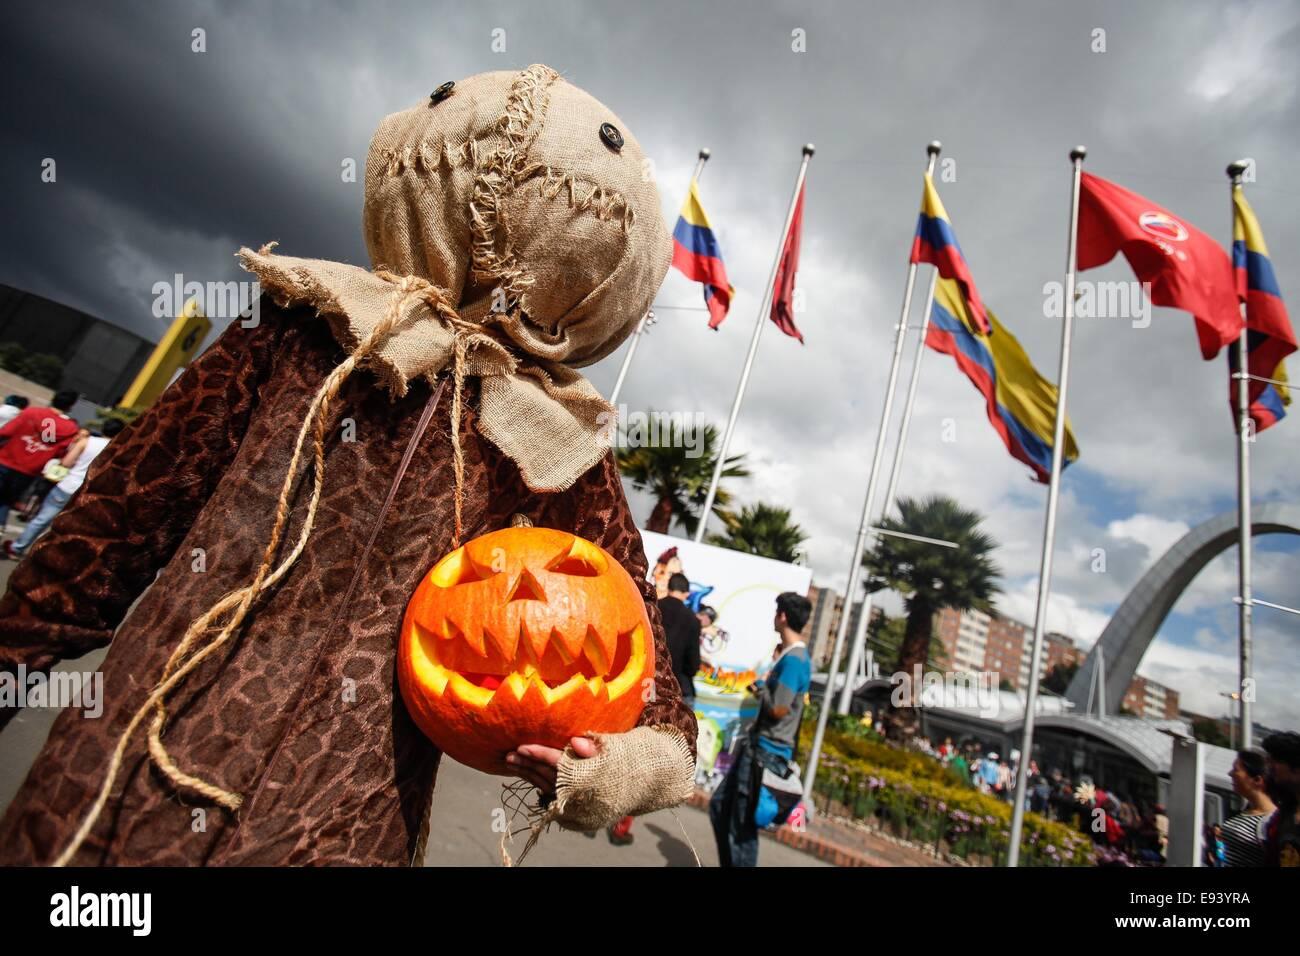 Bogota, Kolumbien. 18. Oktober 2014. Ein Bewohner in einem Kostüm nimmt während der 6. Freizeit- und Fantasy Stockbild